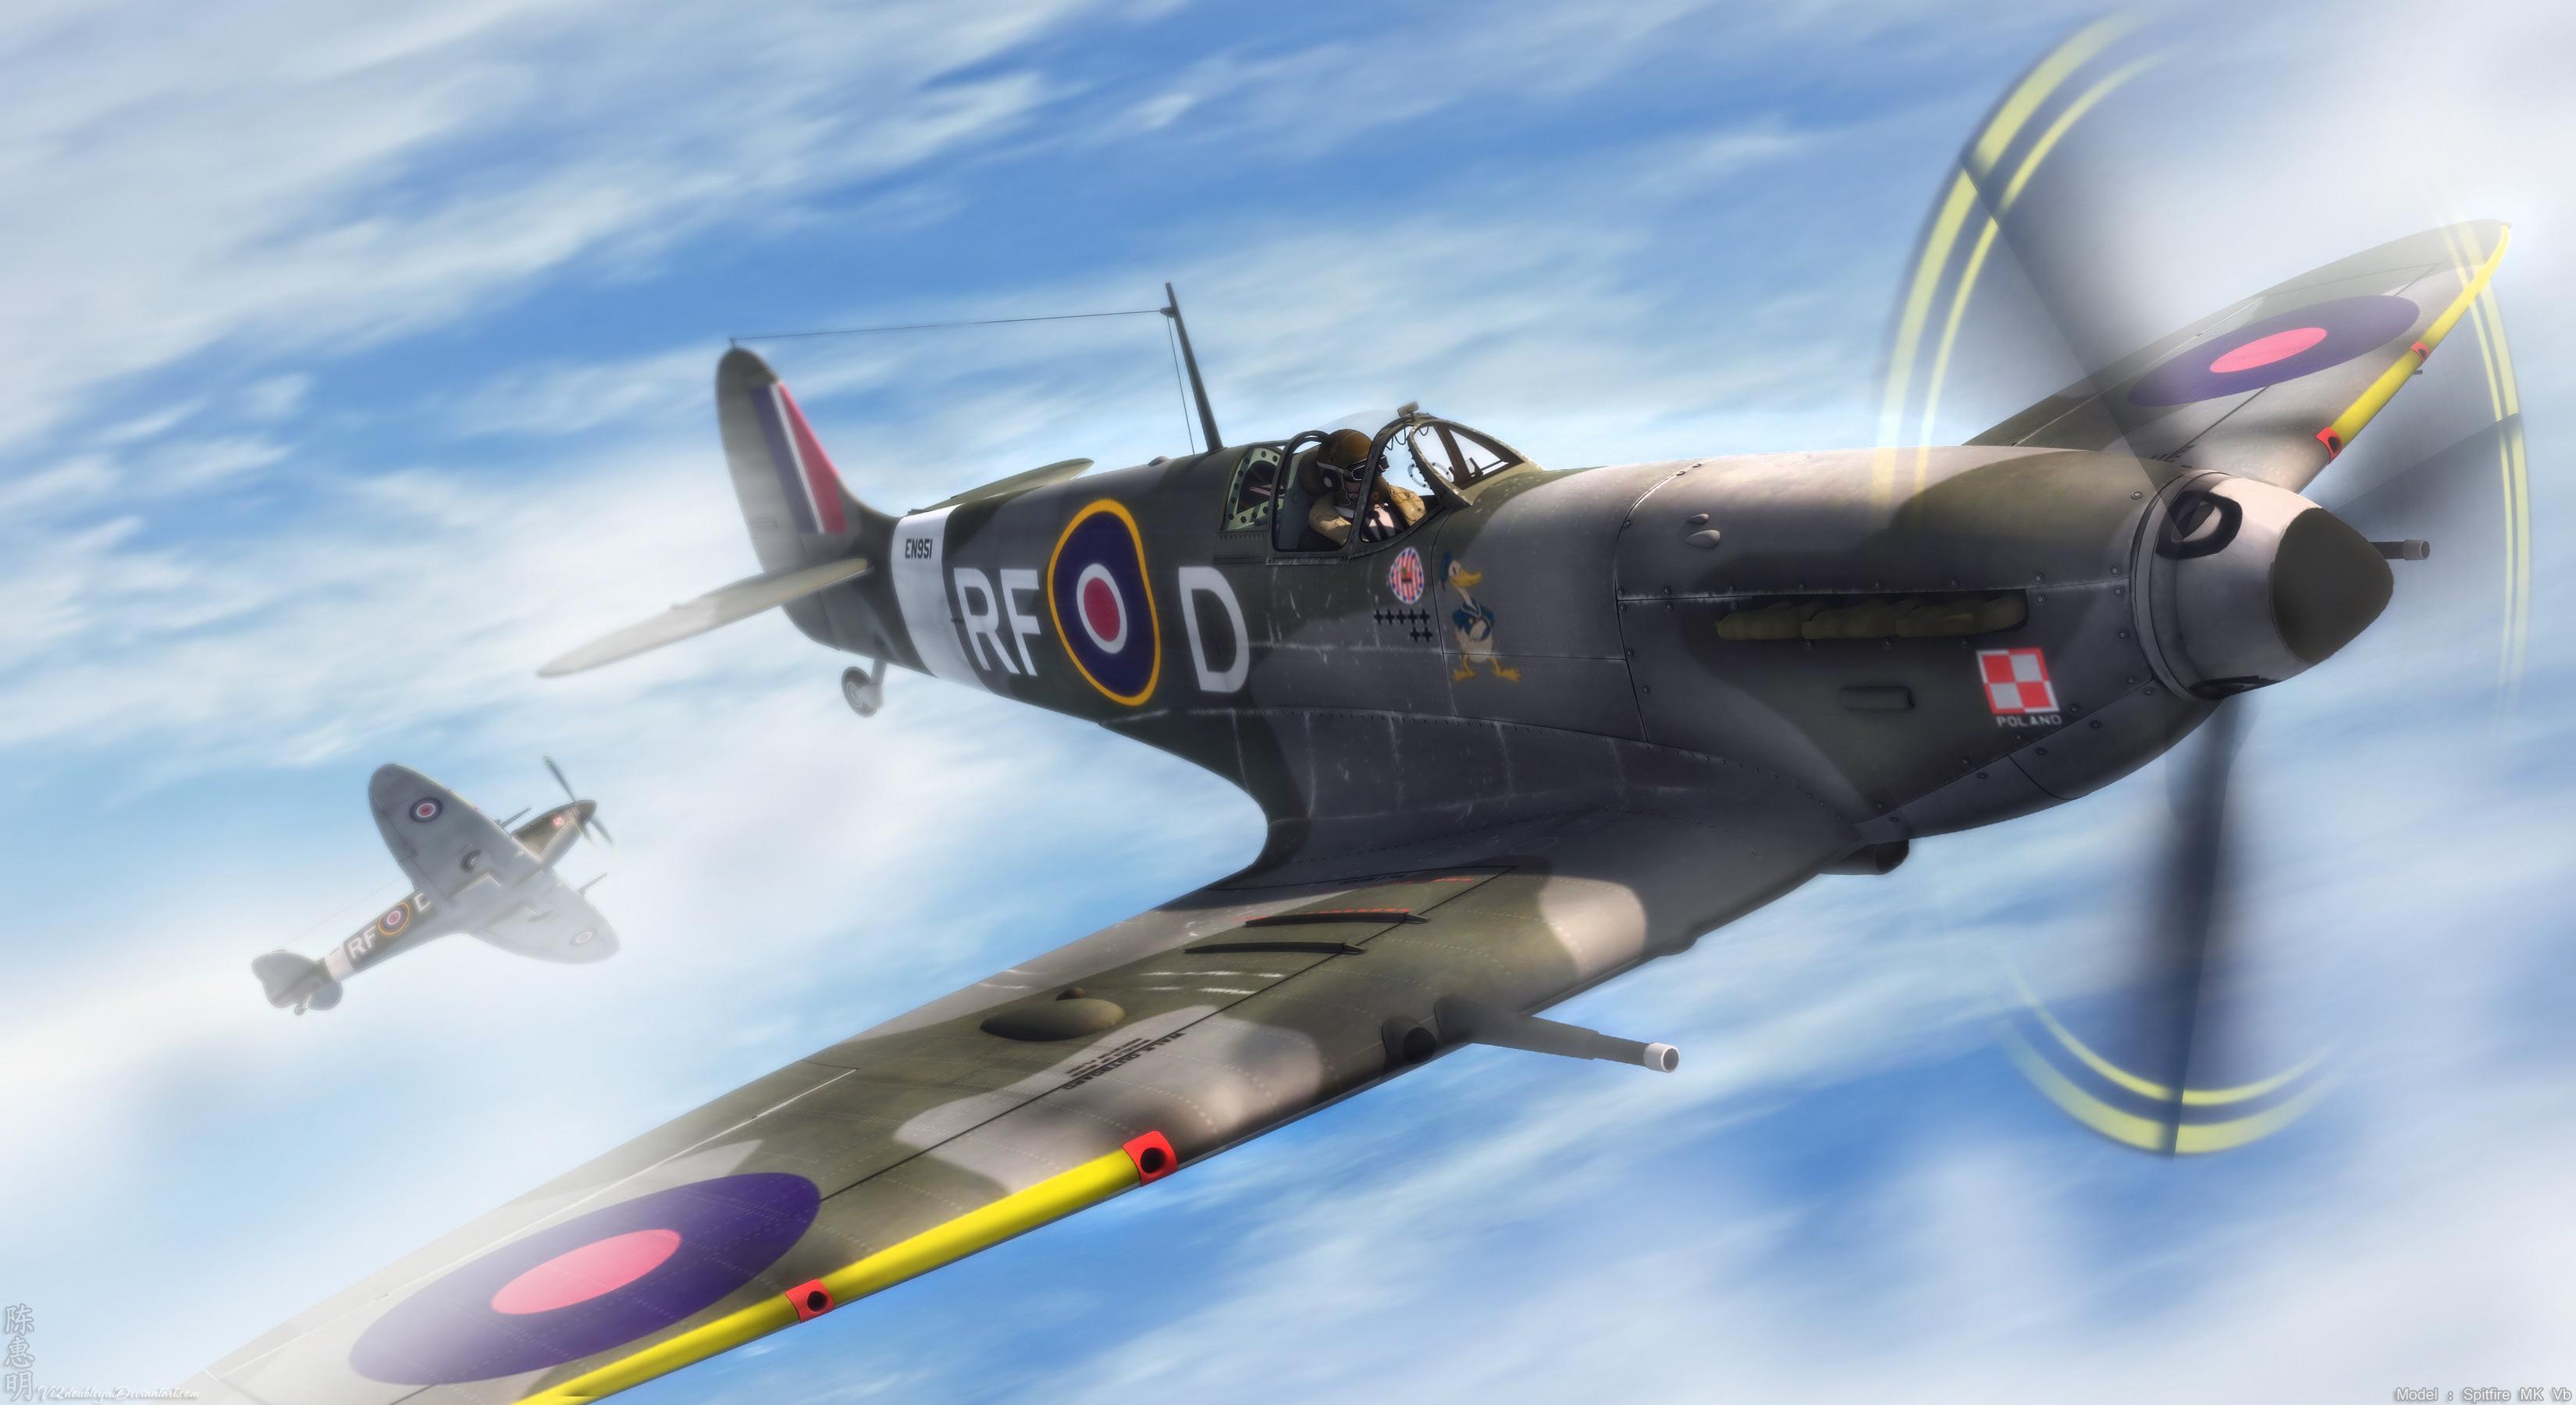 Wallpaper Spitfire aircraft plane clouds desktop wallpaper Games 3300x1800